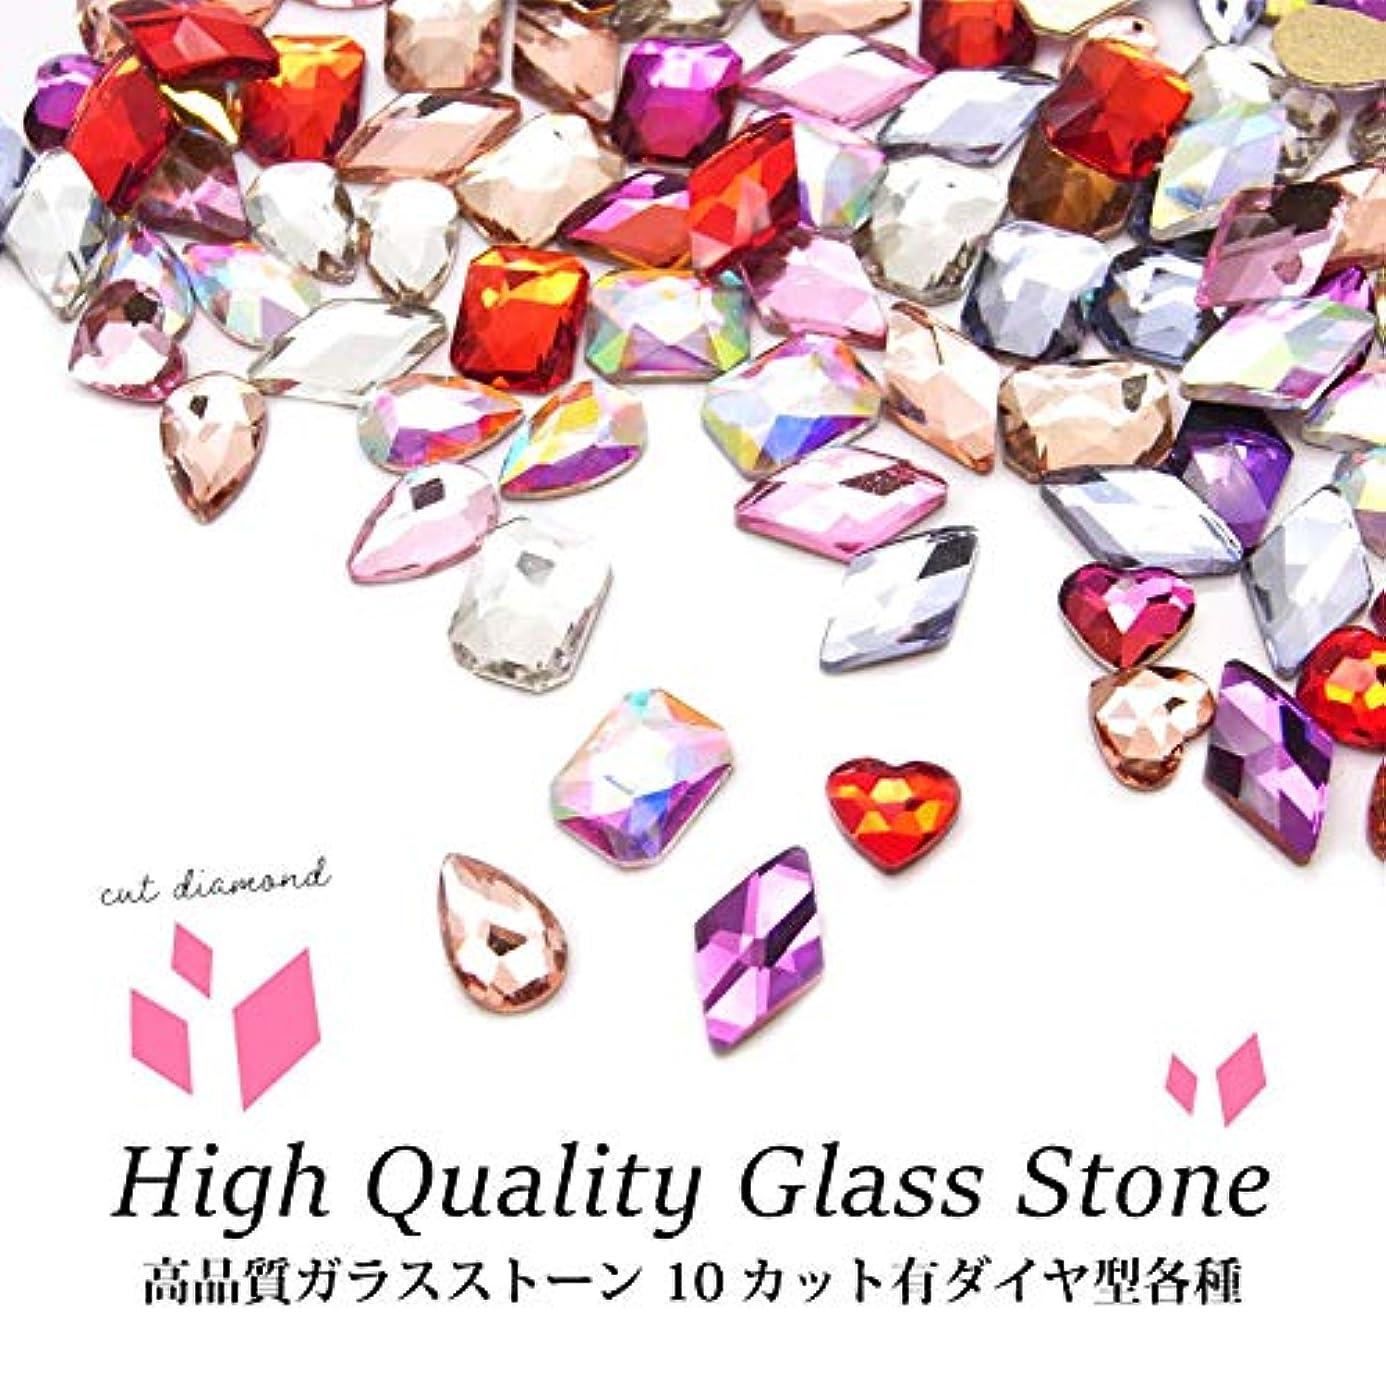 テメリティペーストスナップ高品質ガラスストーン 10 カット有ダイヤ型 各種 5個入り (5.ライトサファイア)